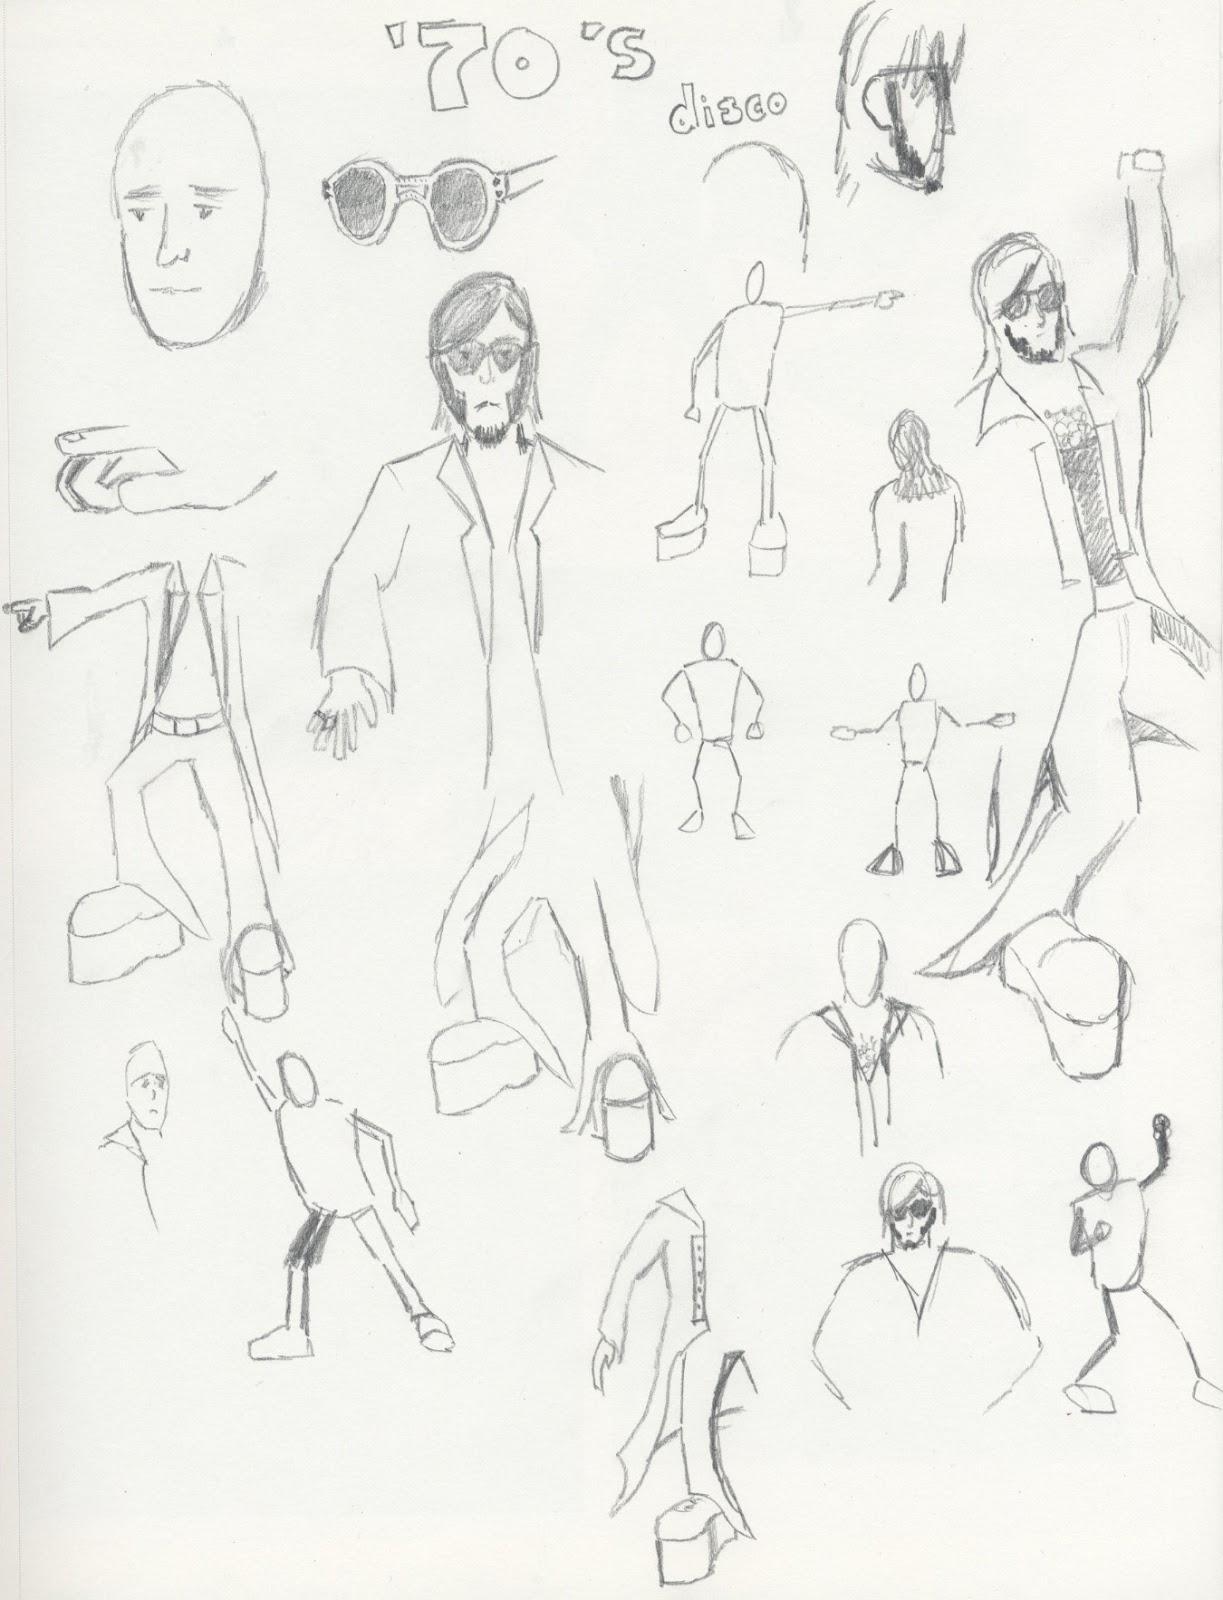 J Bennett Artwork 70s Character